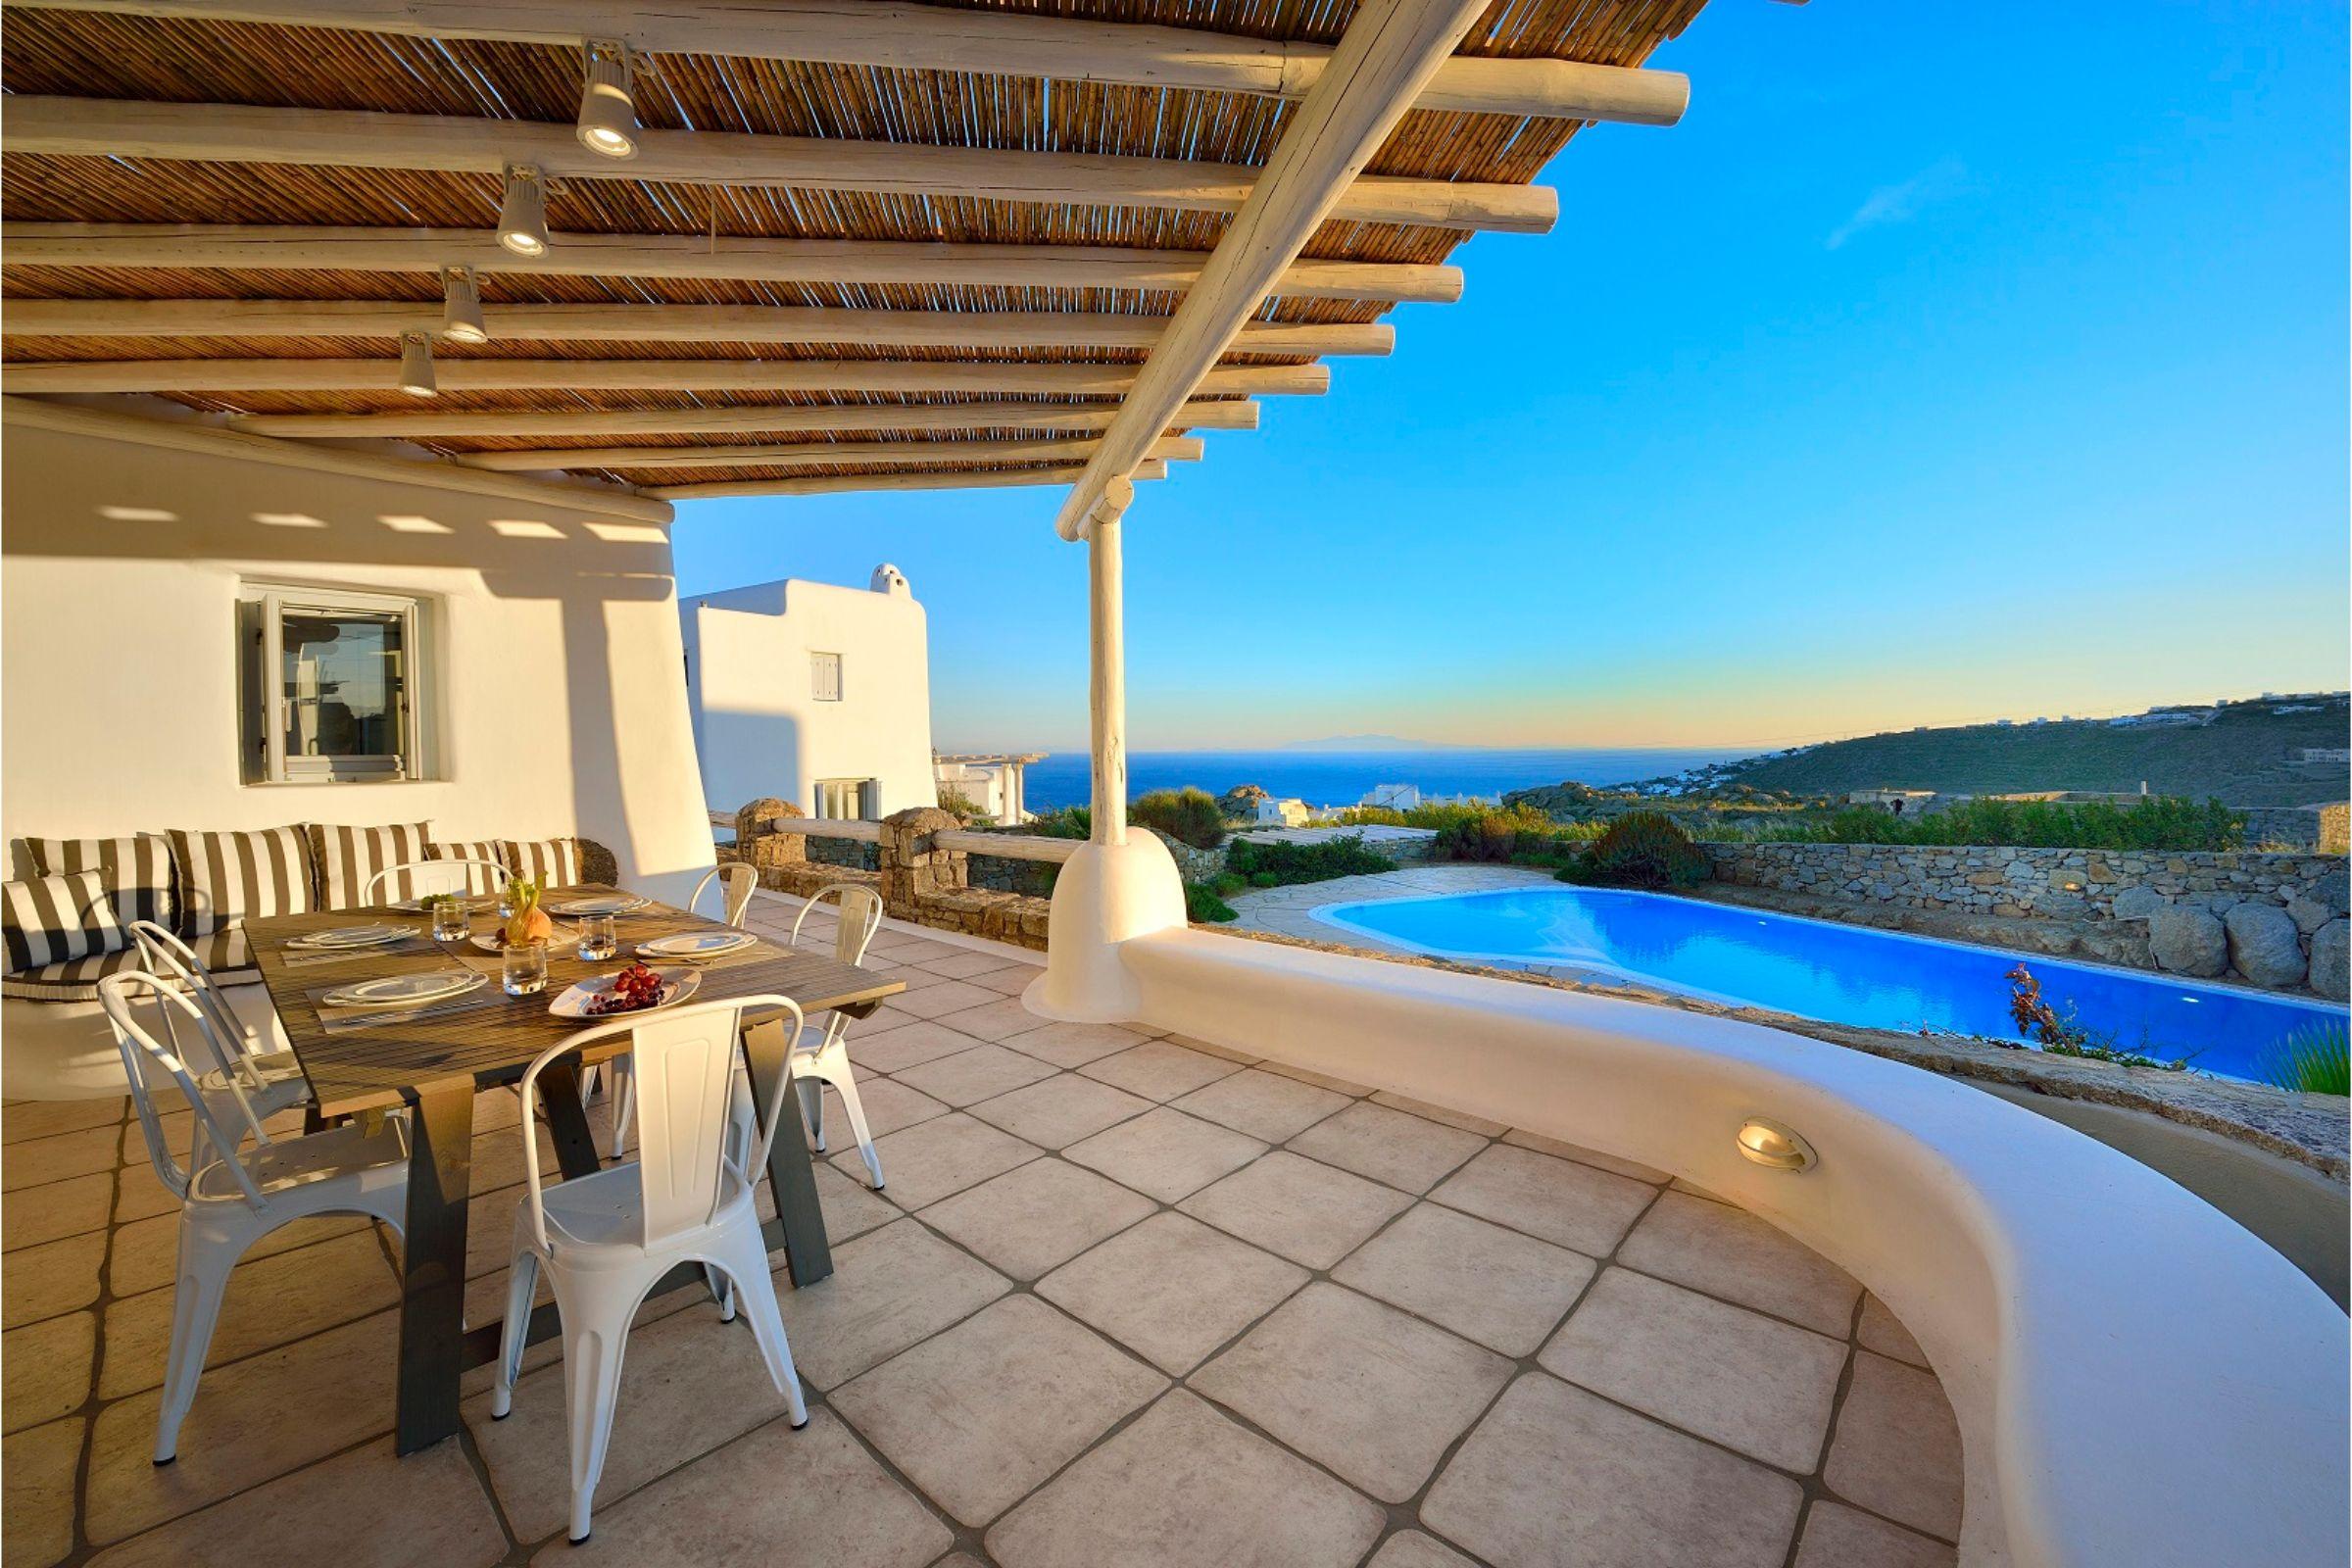 villa mykonian bianca terrace